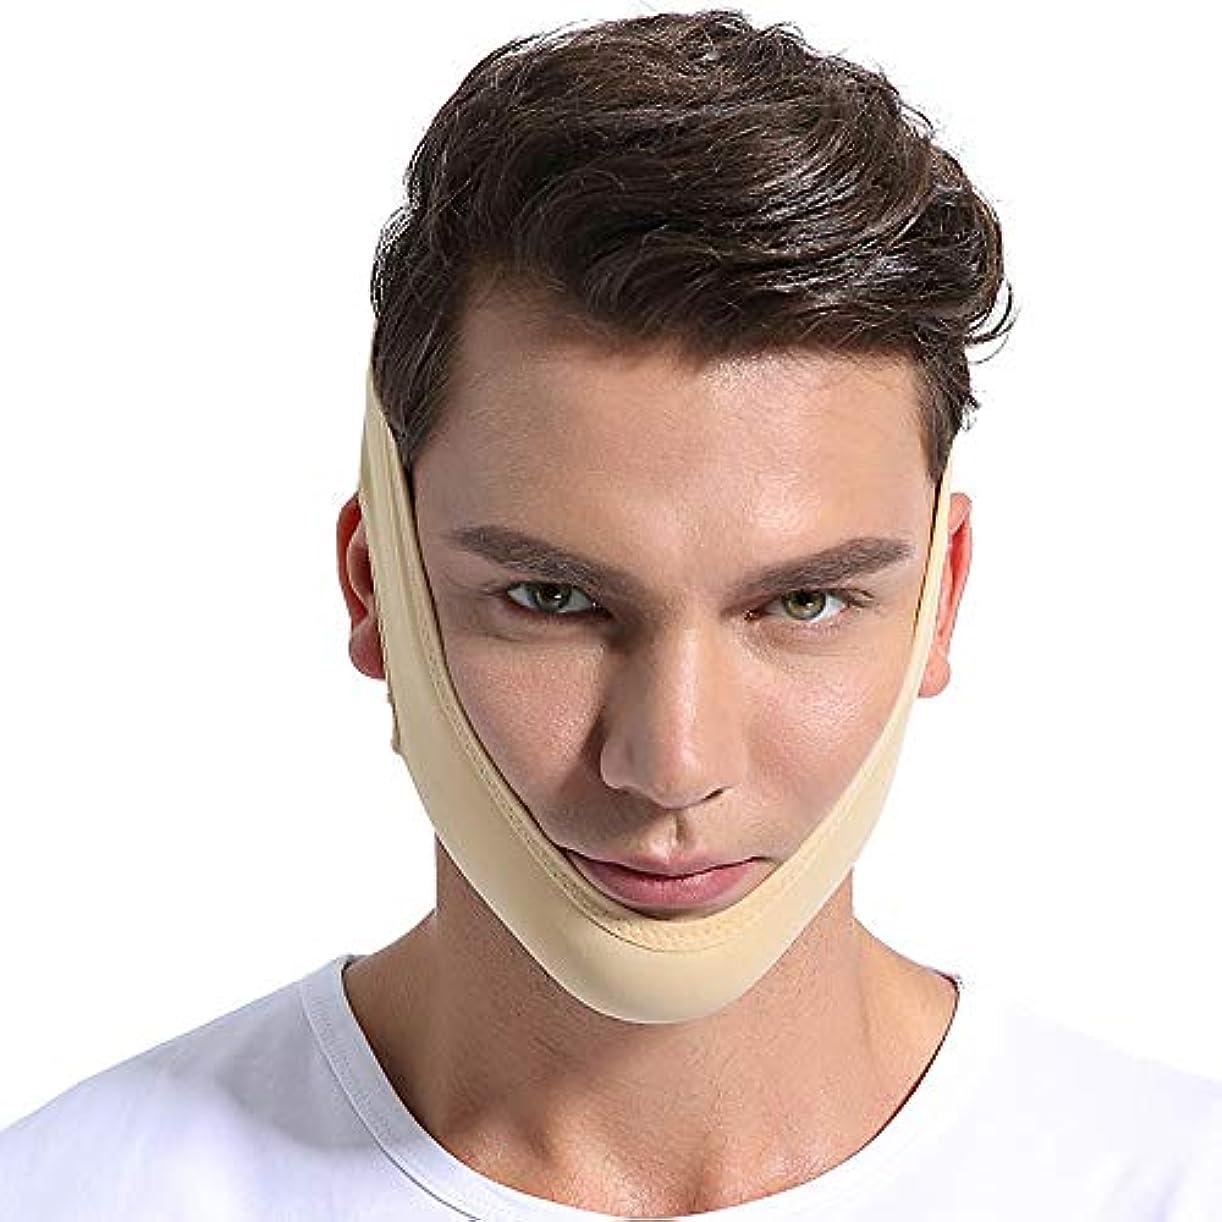 許可満足道を作る女性用フェイススリミングマスク、ウェルネスマスク、フェイスケア用フェイスバンデージフェイシャルスリミングマスクシンネックフェイスリフトダブルチンVフェイスラインアンチストレスマスクスムース通気性スリムアップベルトストラップ